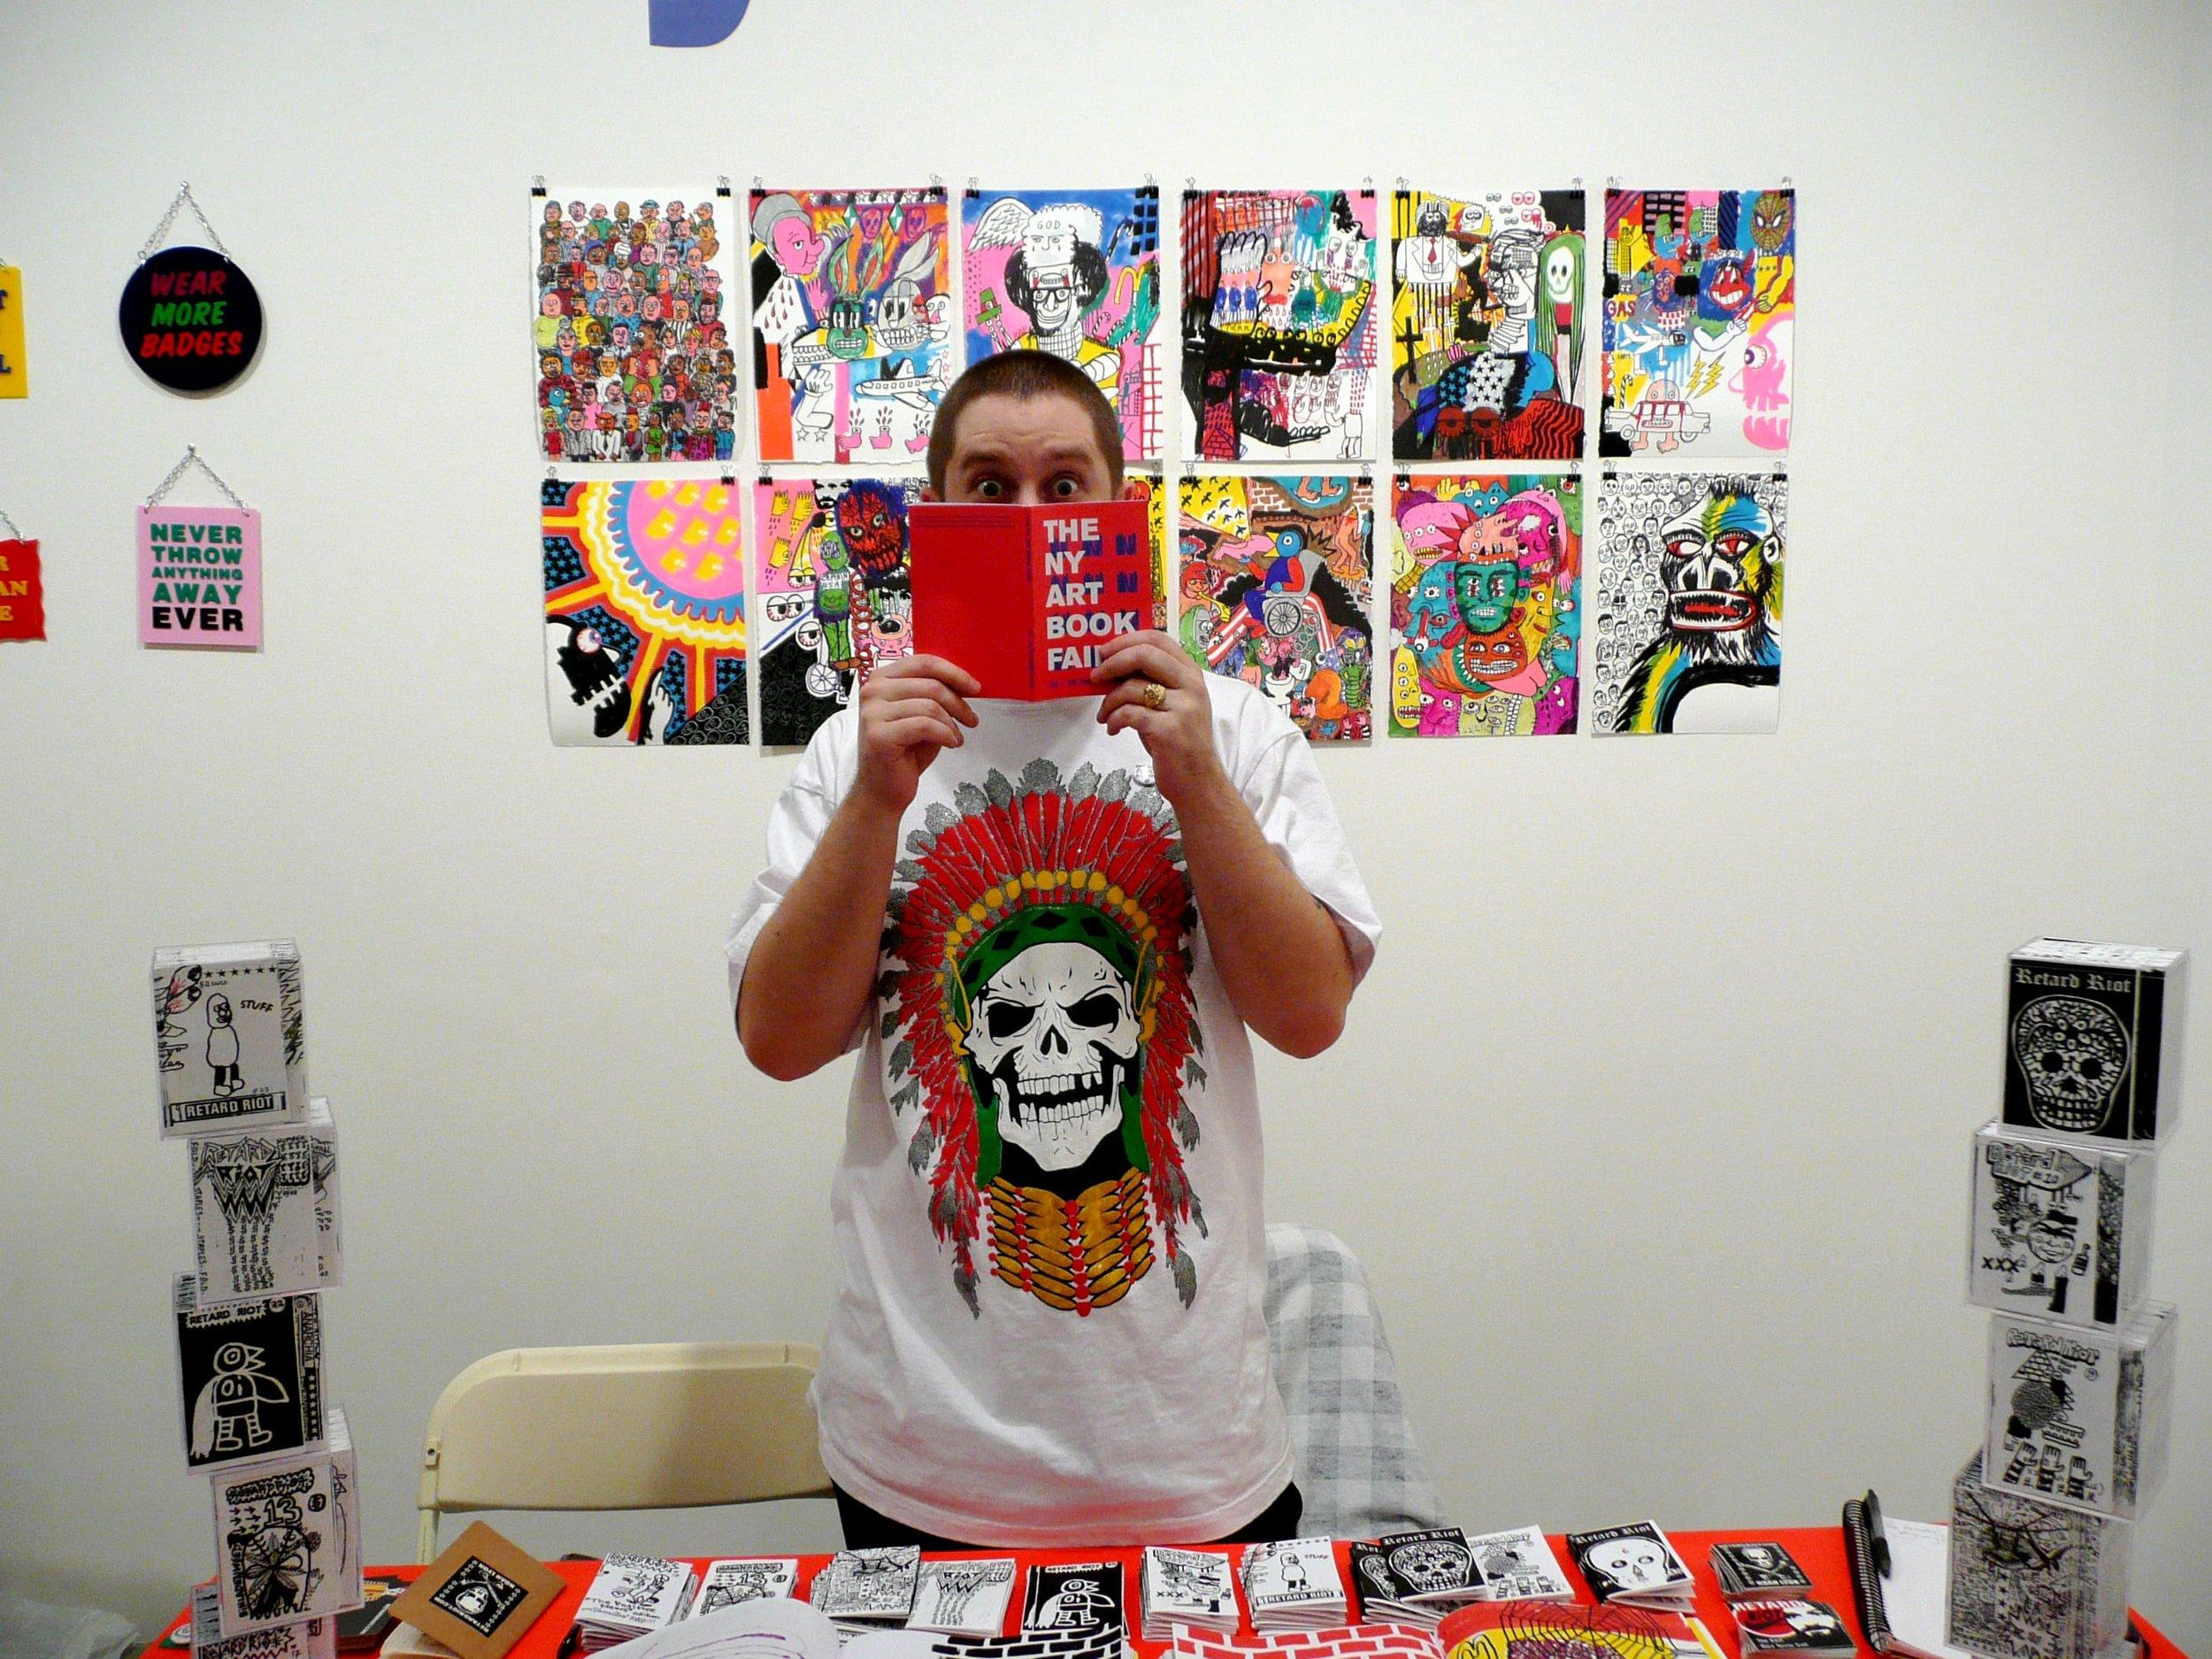 Noah Lyon at The NY Art Book Fair, Phillips de Pury & Company